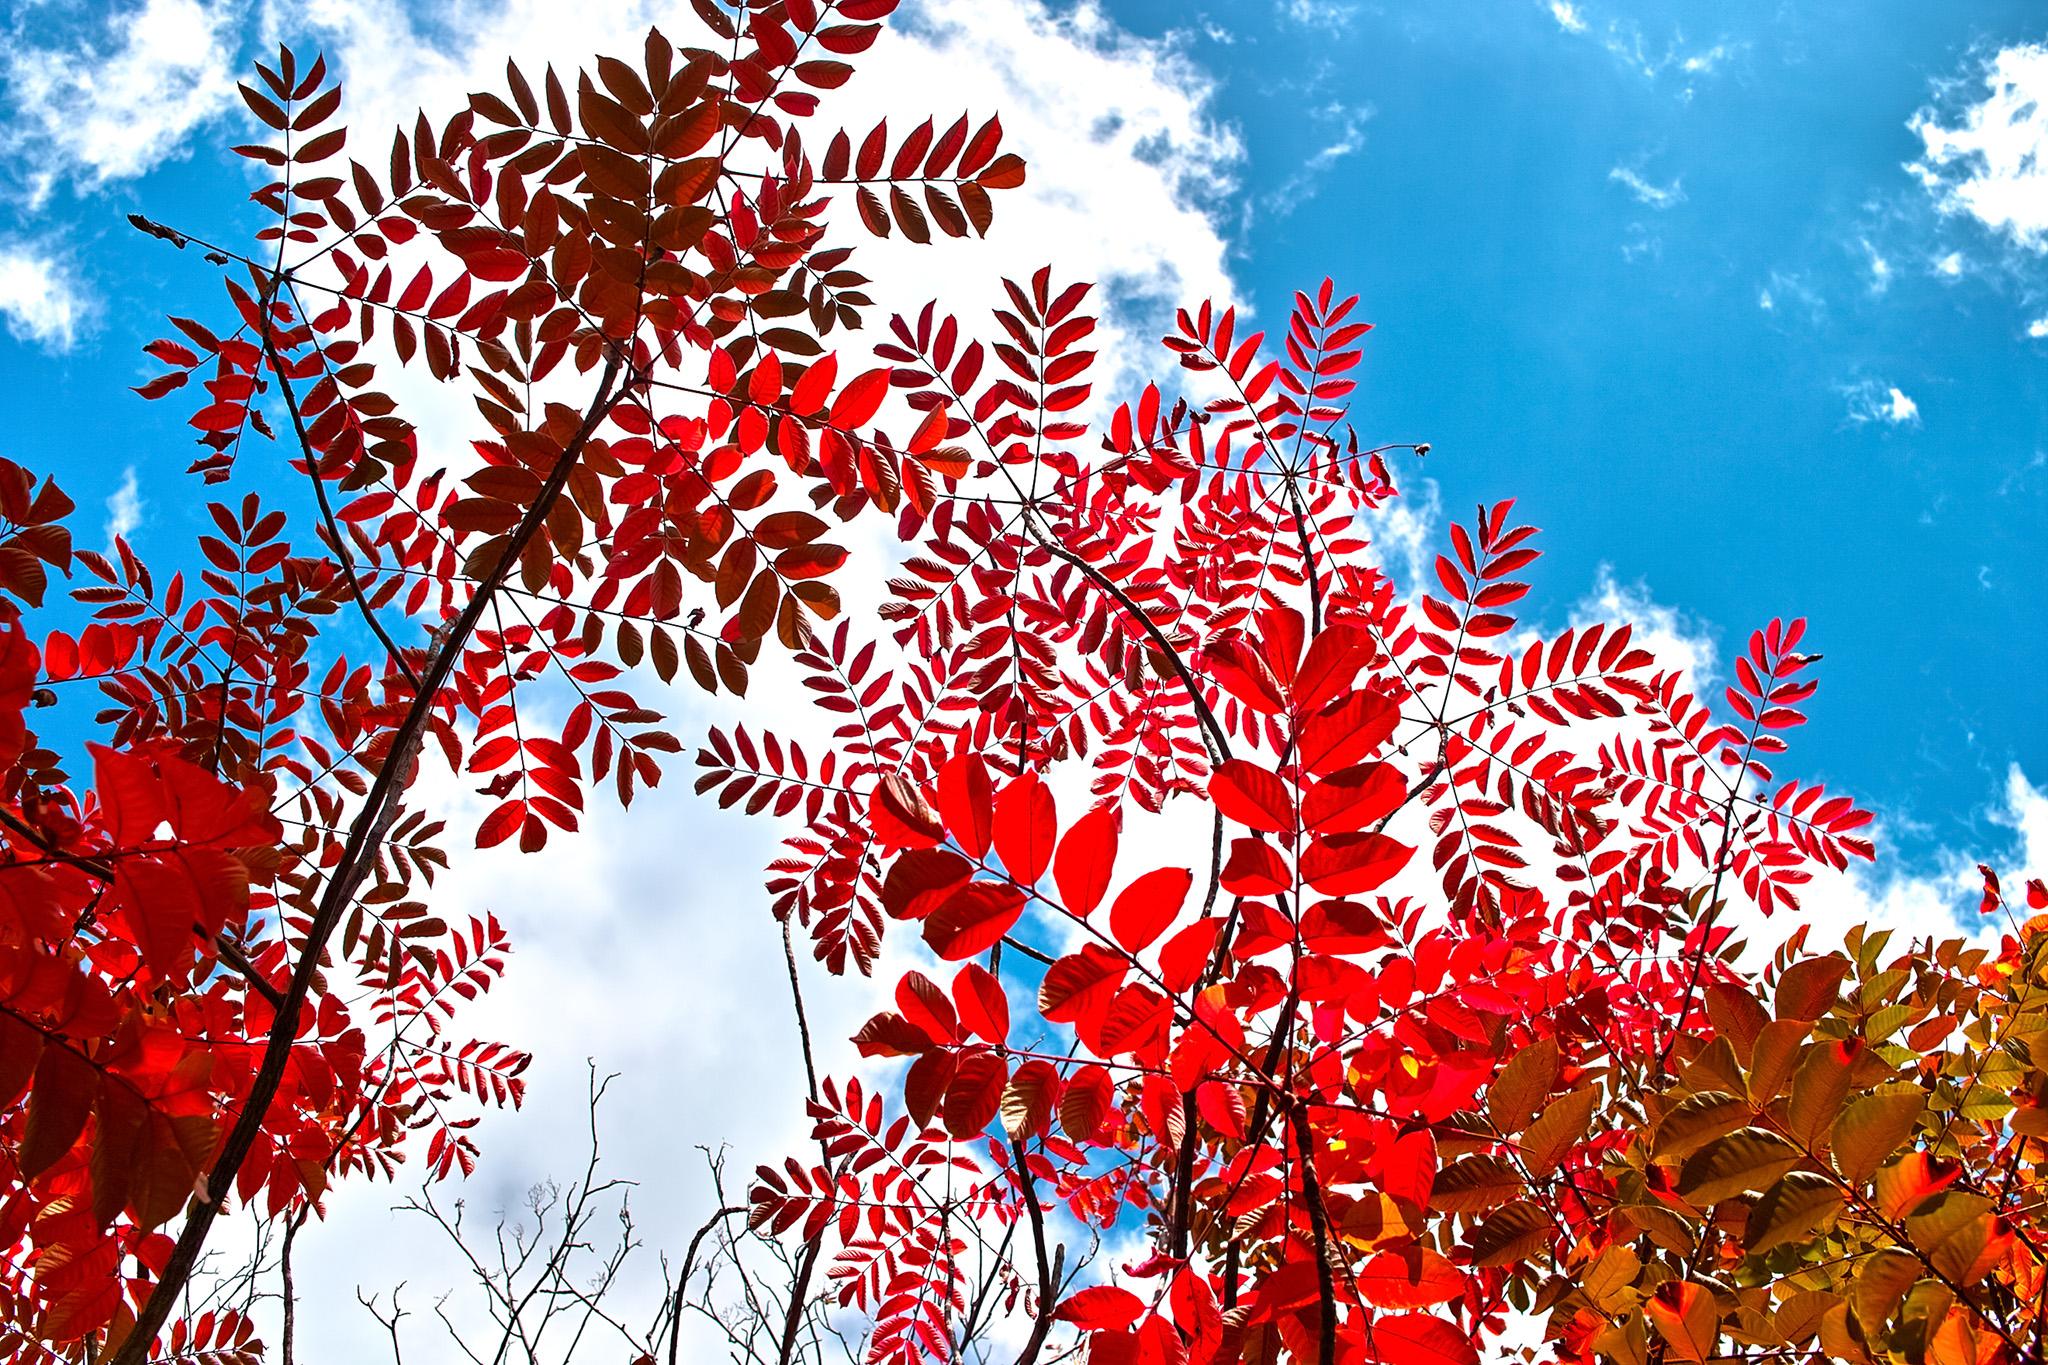 「モミジの葉」